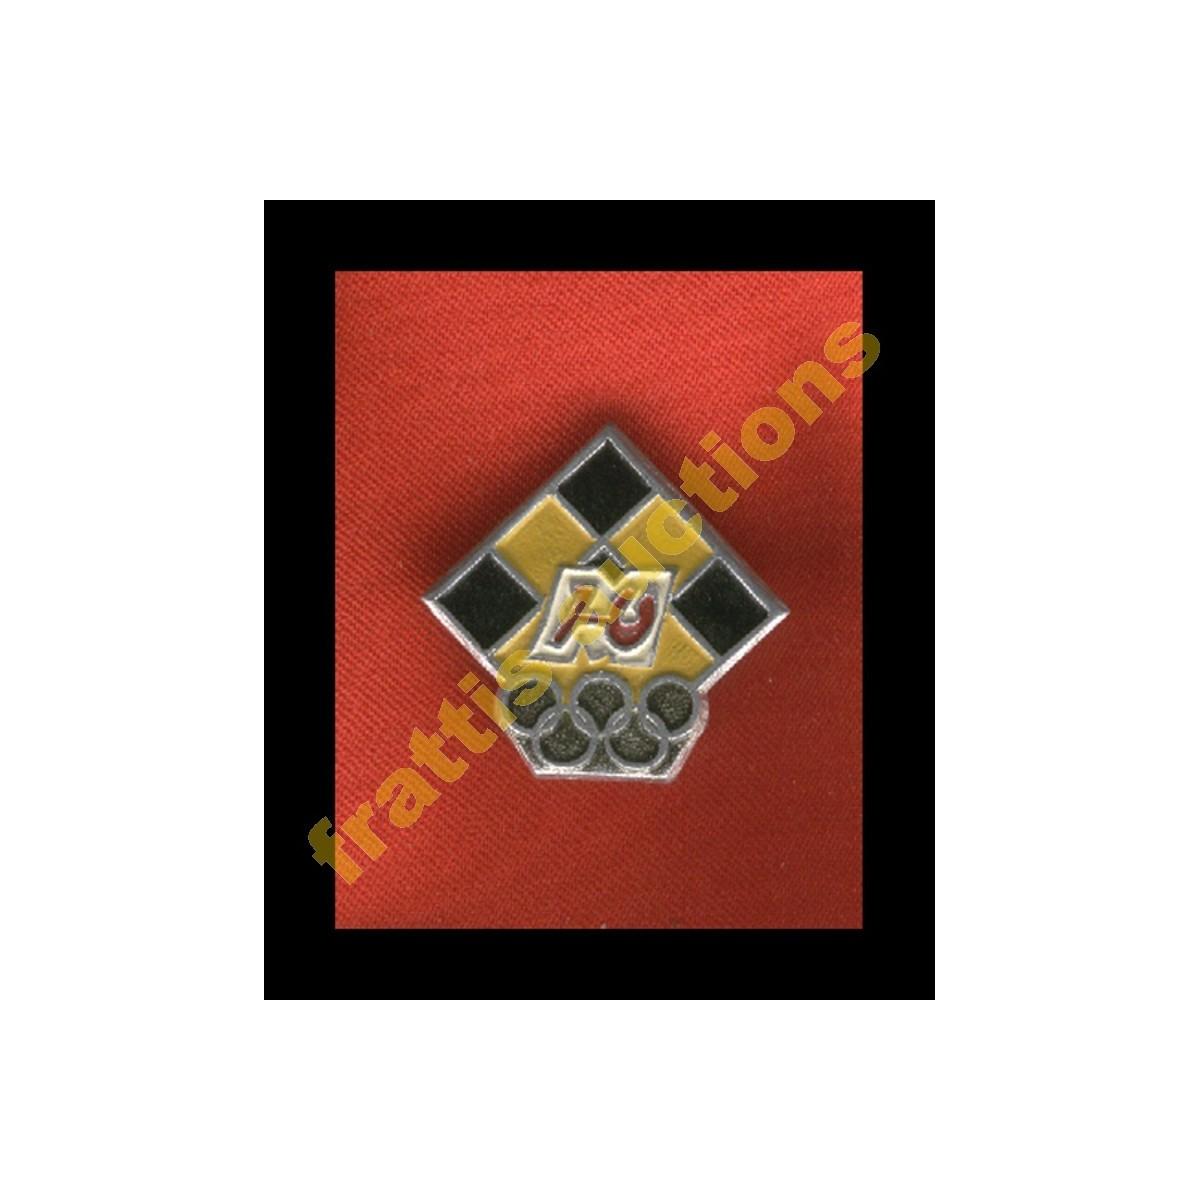 Pin Σοβιετικής Ένωσης. Ολυμπιάδα .